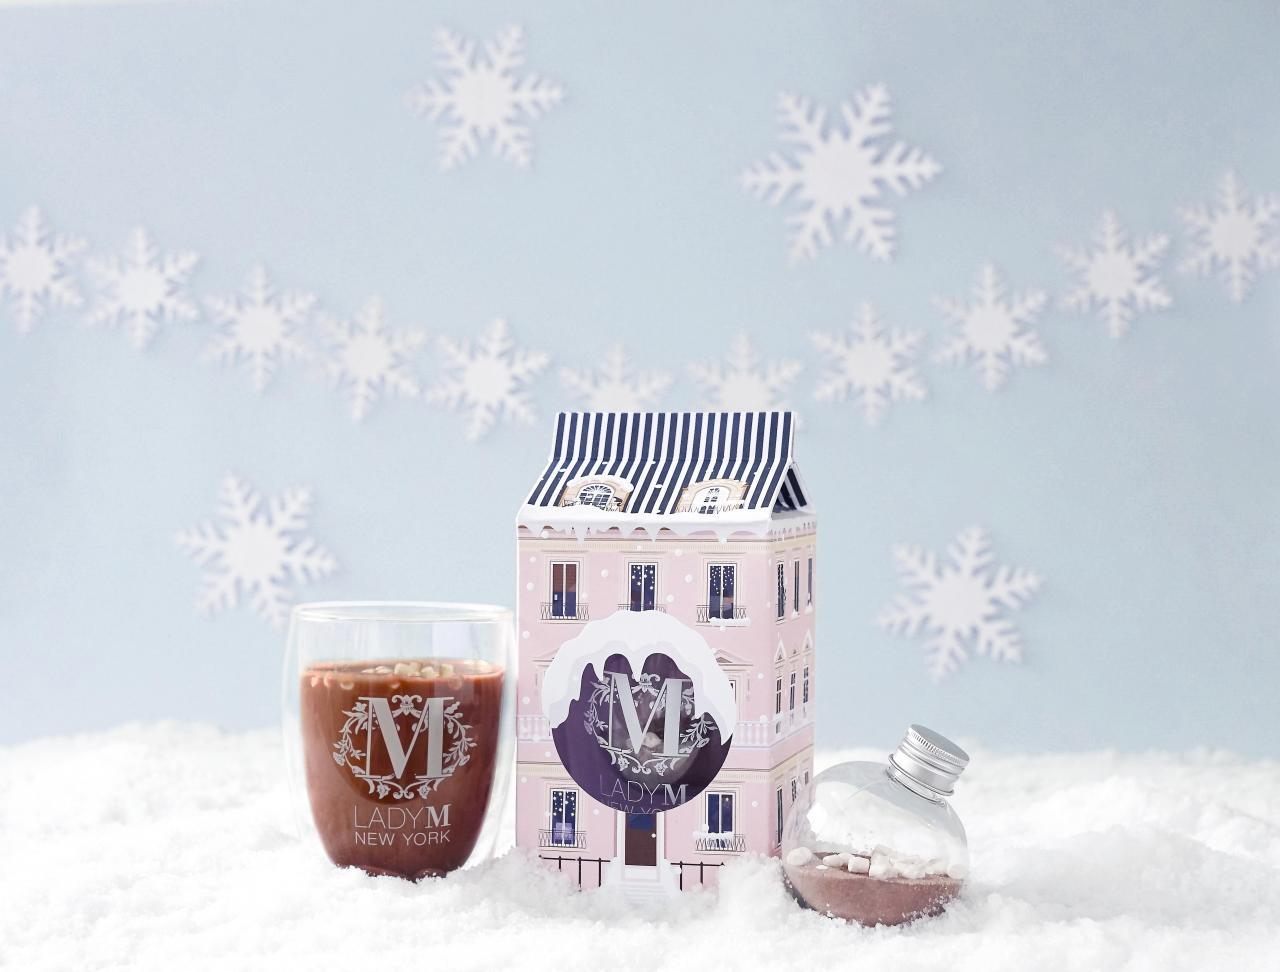 聖誕限定版朱古力熱飲杯套裝:「Lady M棉花糖朱古力套裝」($188)